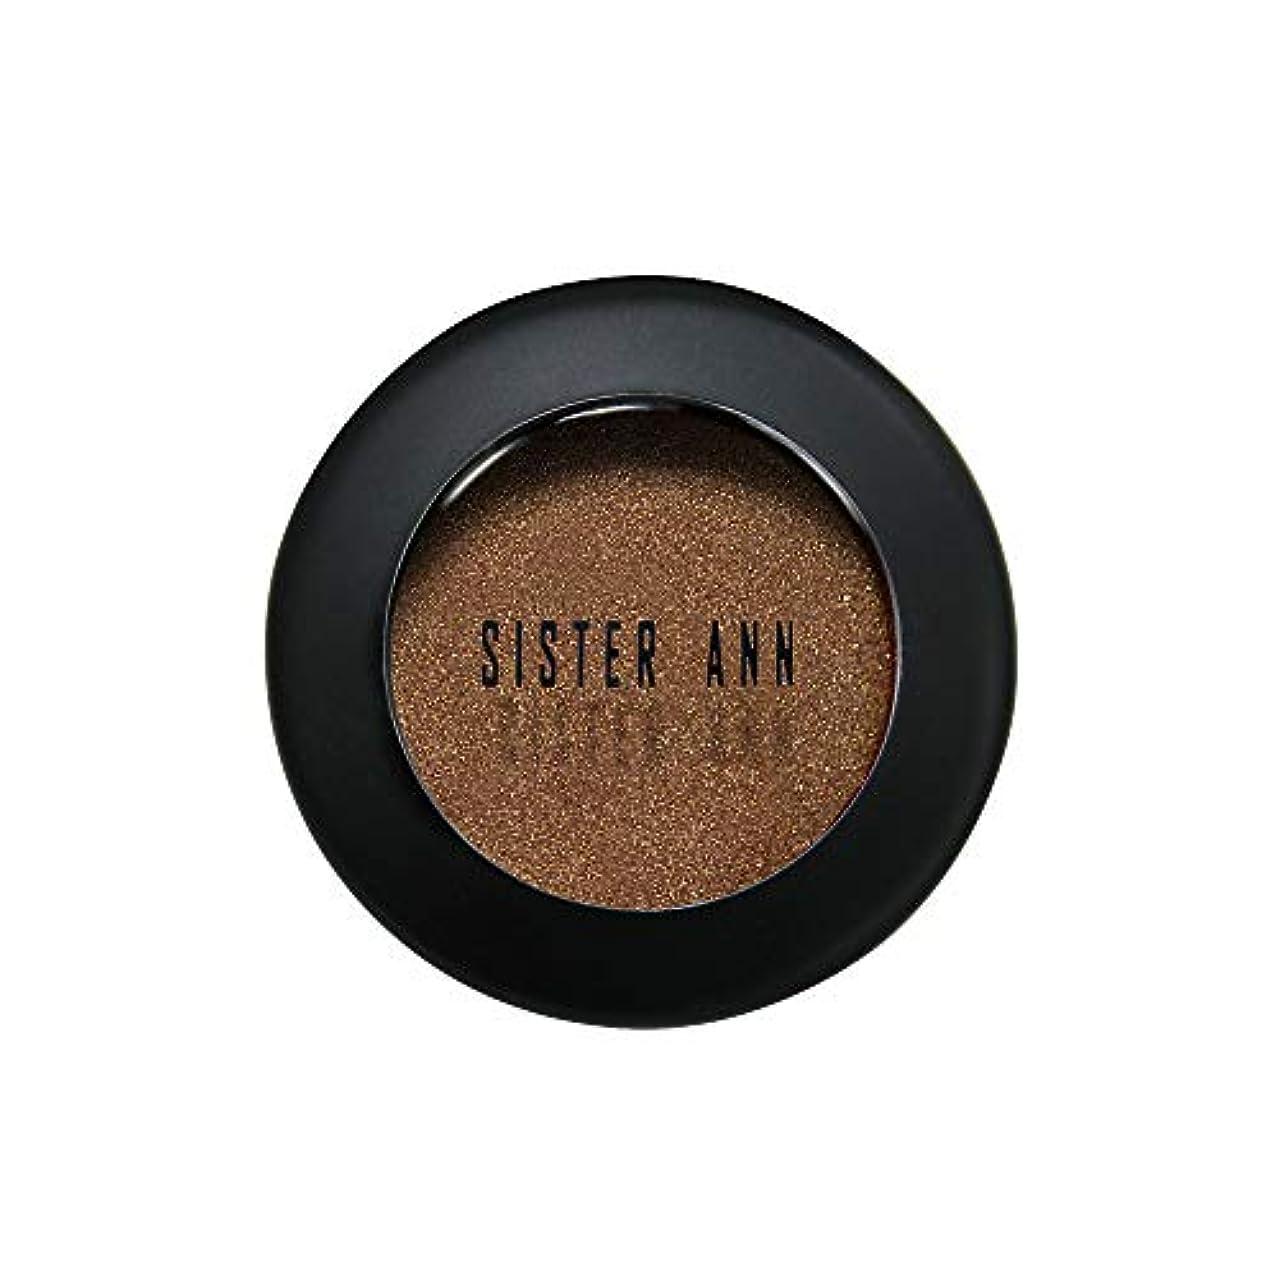 トン割り込み学習[SISTER ANN] カラーシャインシャドウ (Gold Brown)